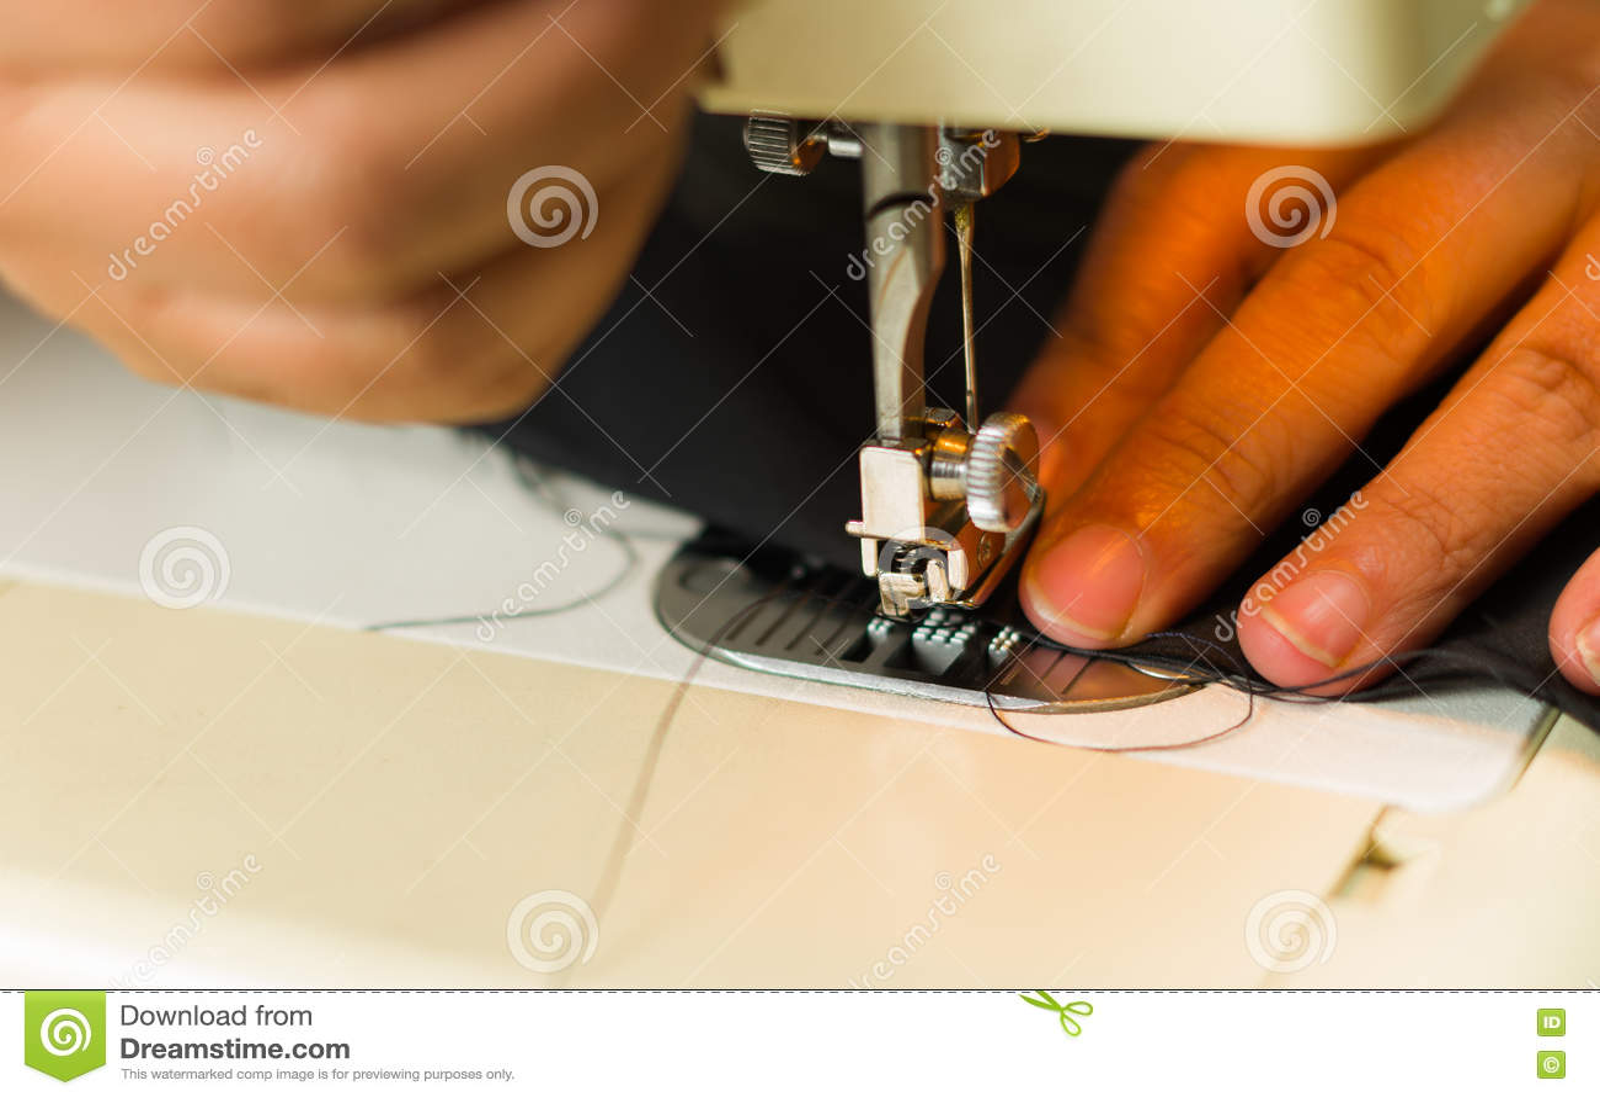 Download Руки делая красивую работу в швейной машине, выбрали вверх иглы и потока Стоковое Фото - изображение насчитывающей athabasca, рука: 72283476